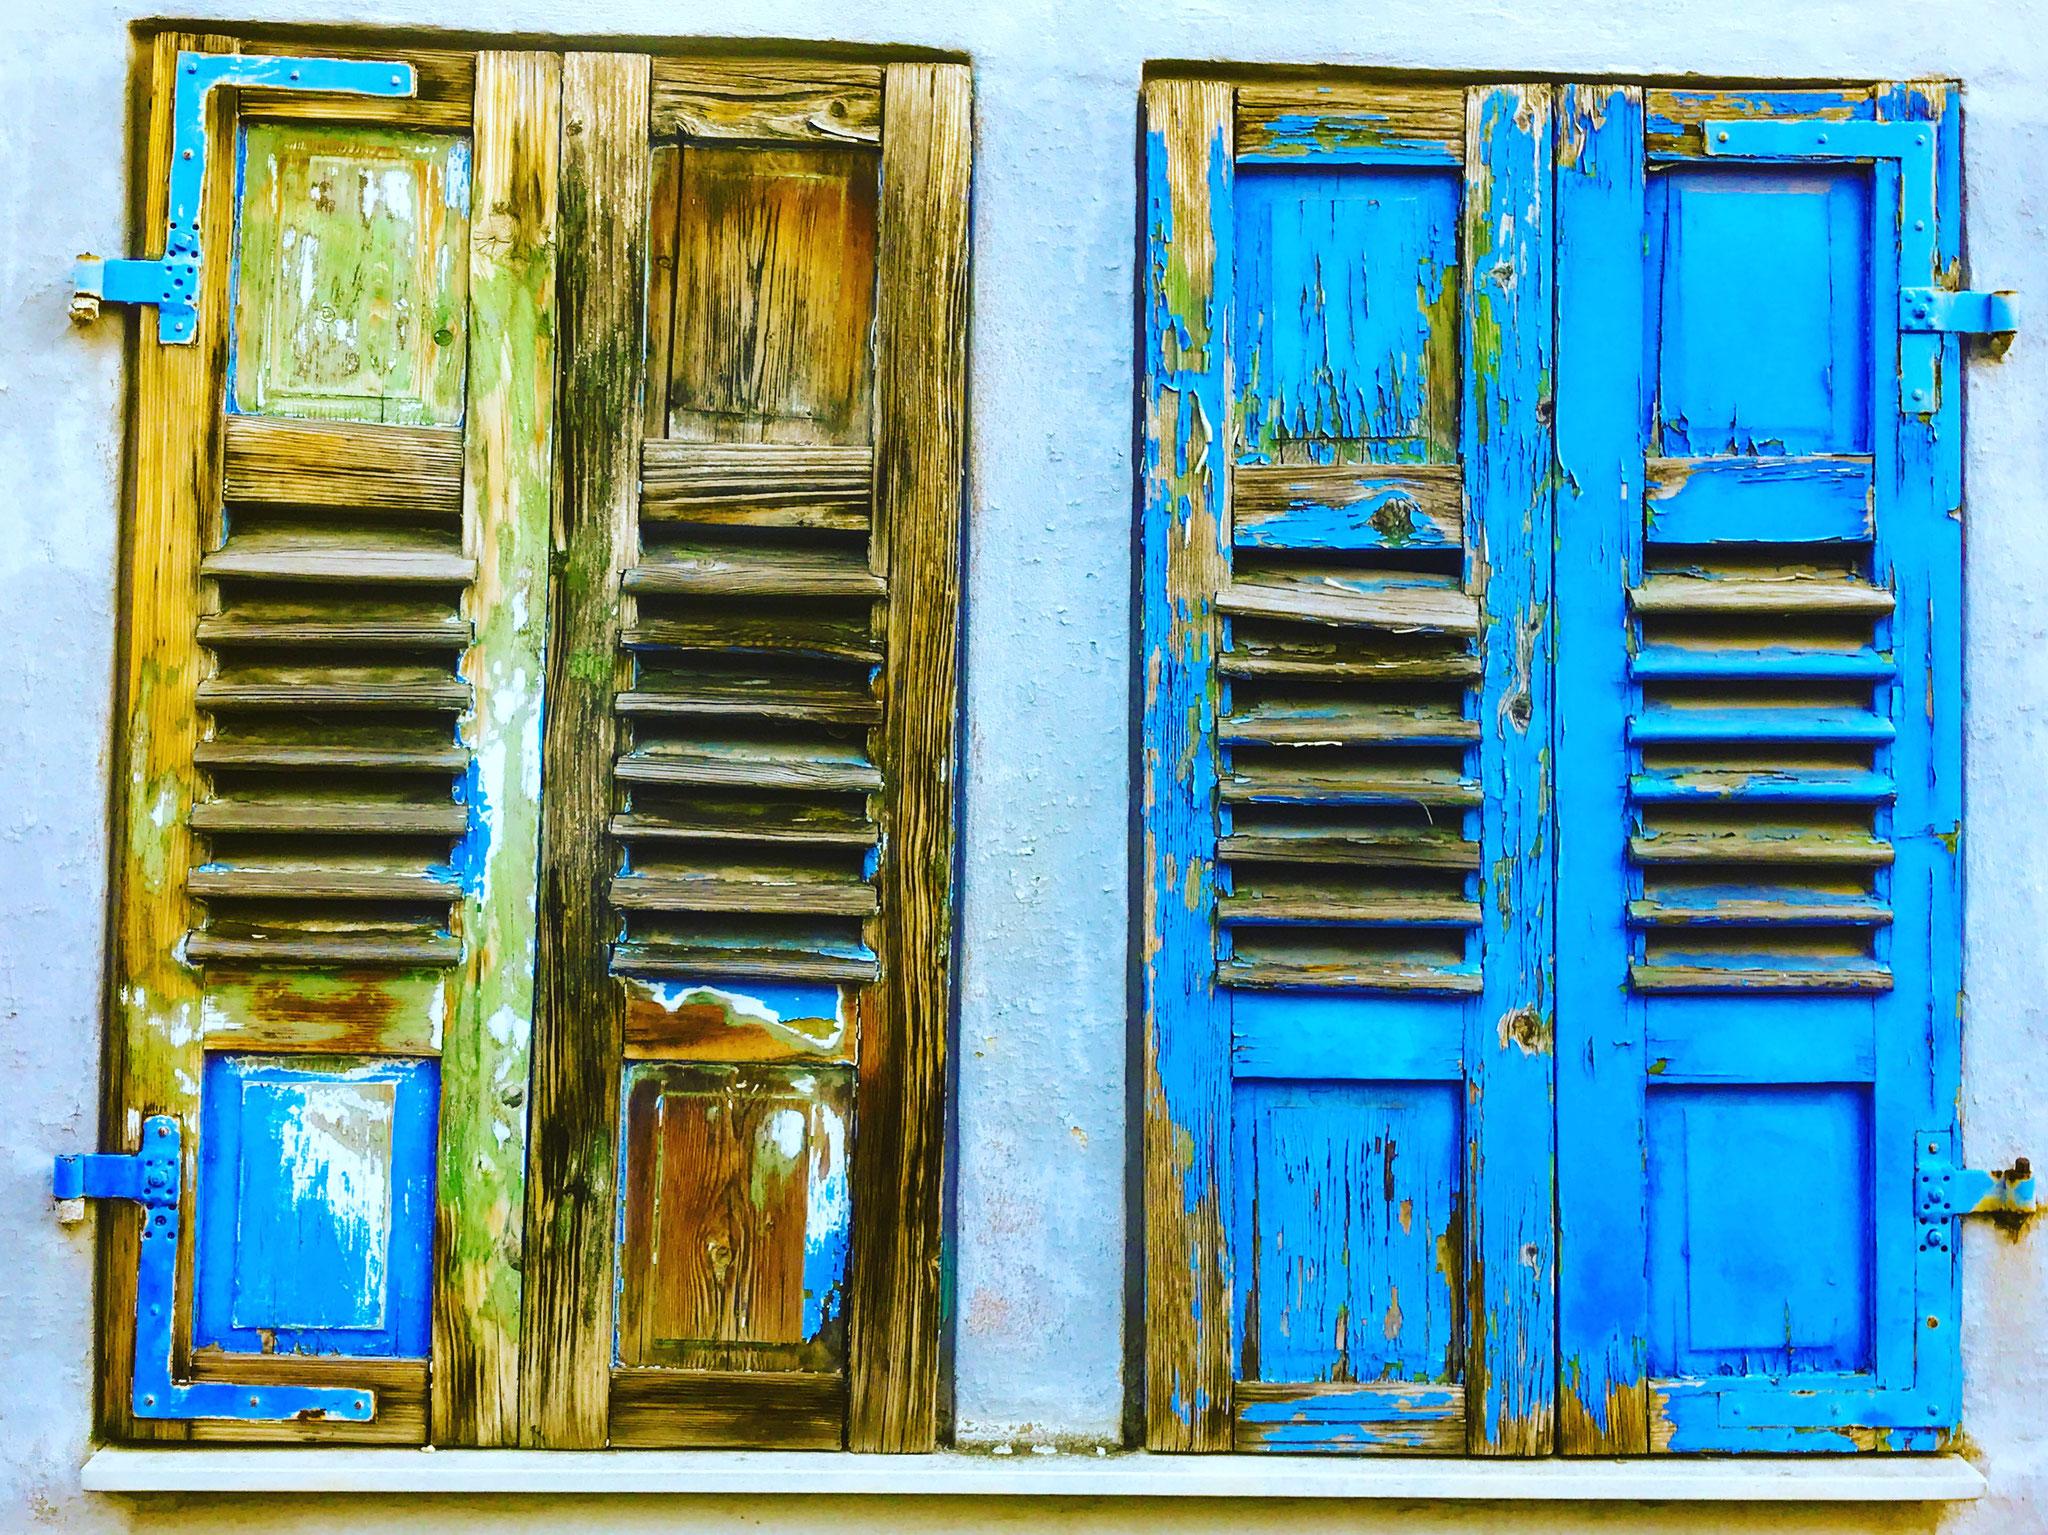 Vintage morbide Fensterläden. Nicht in Griechenland, sondern in Speyer fotografiert.